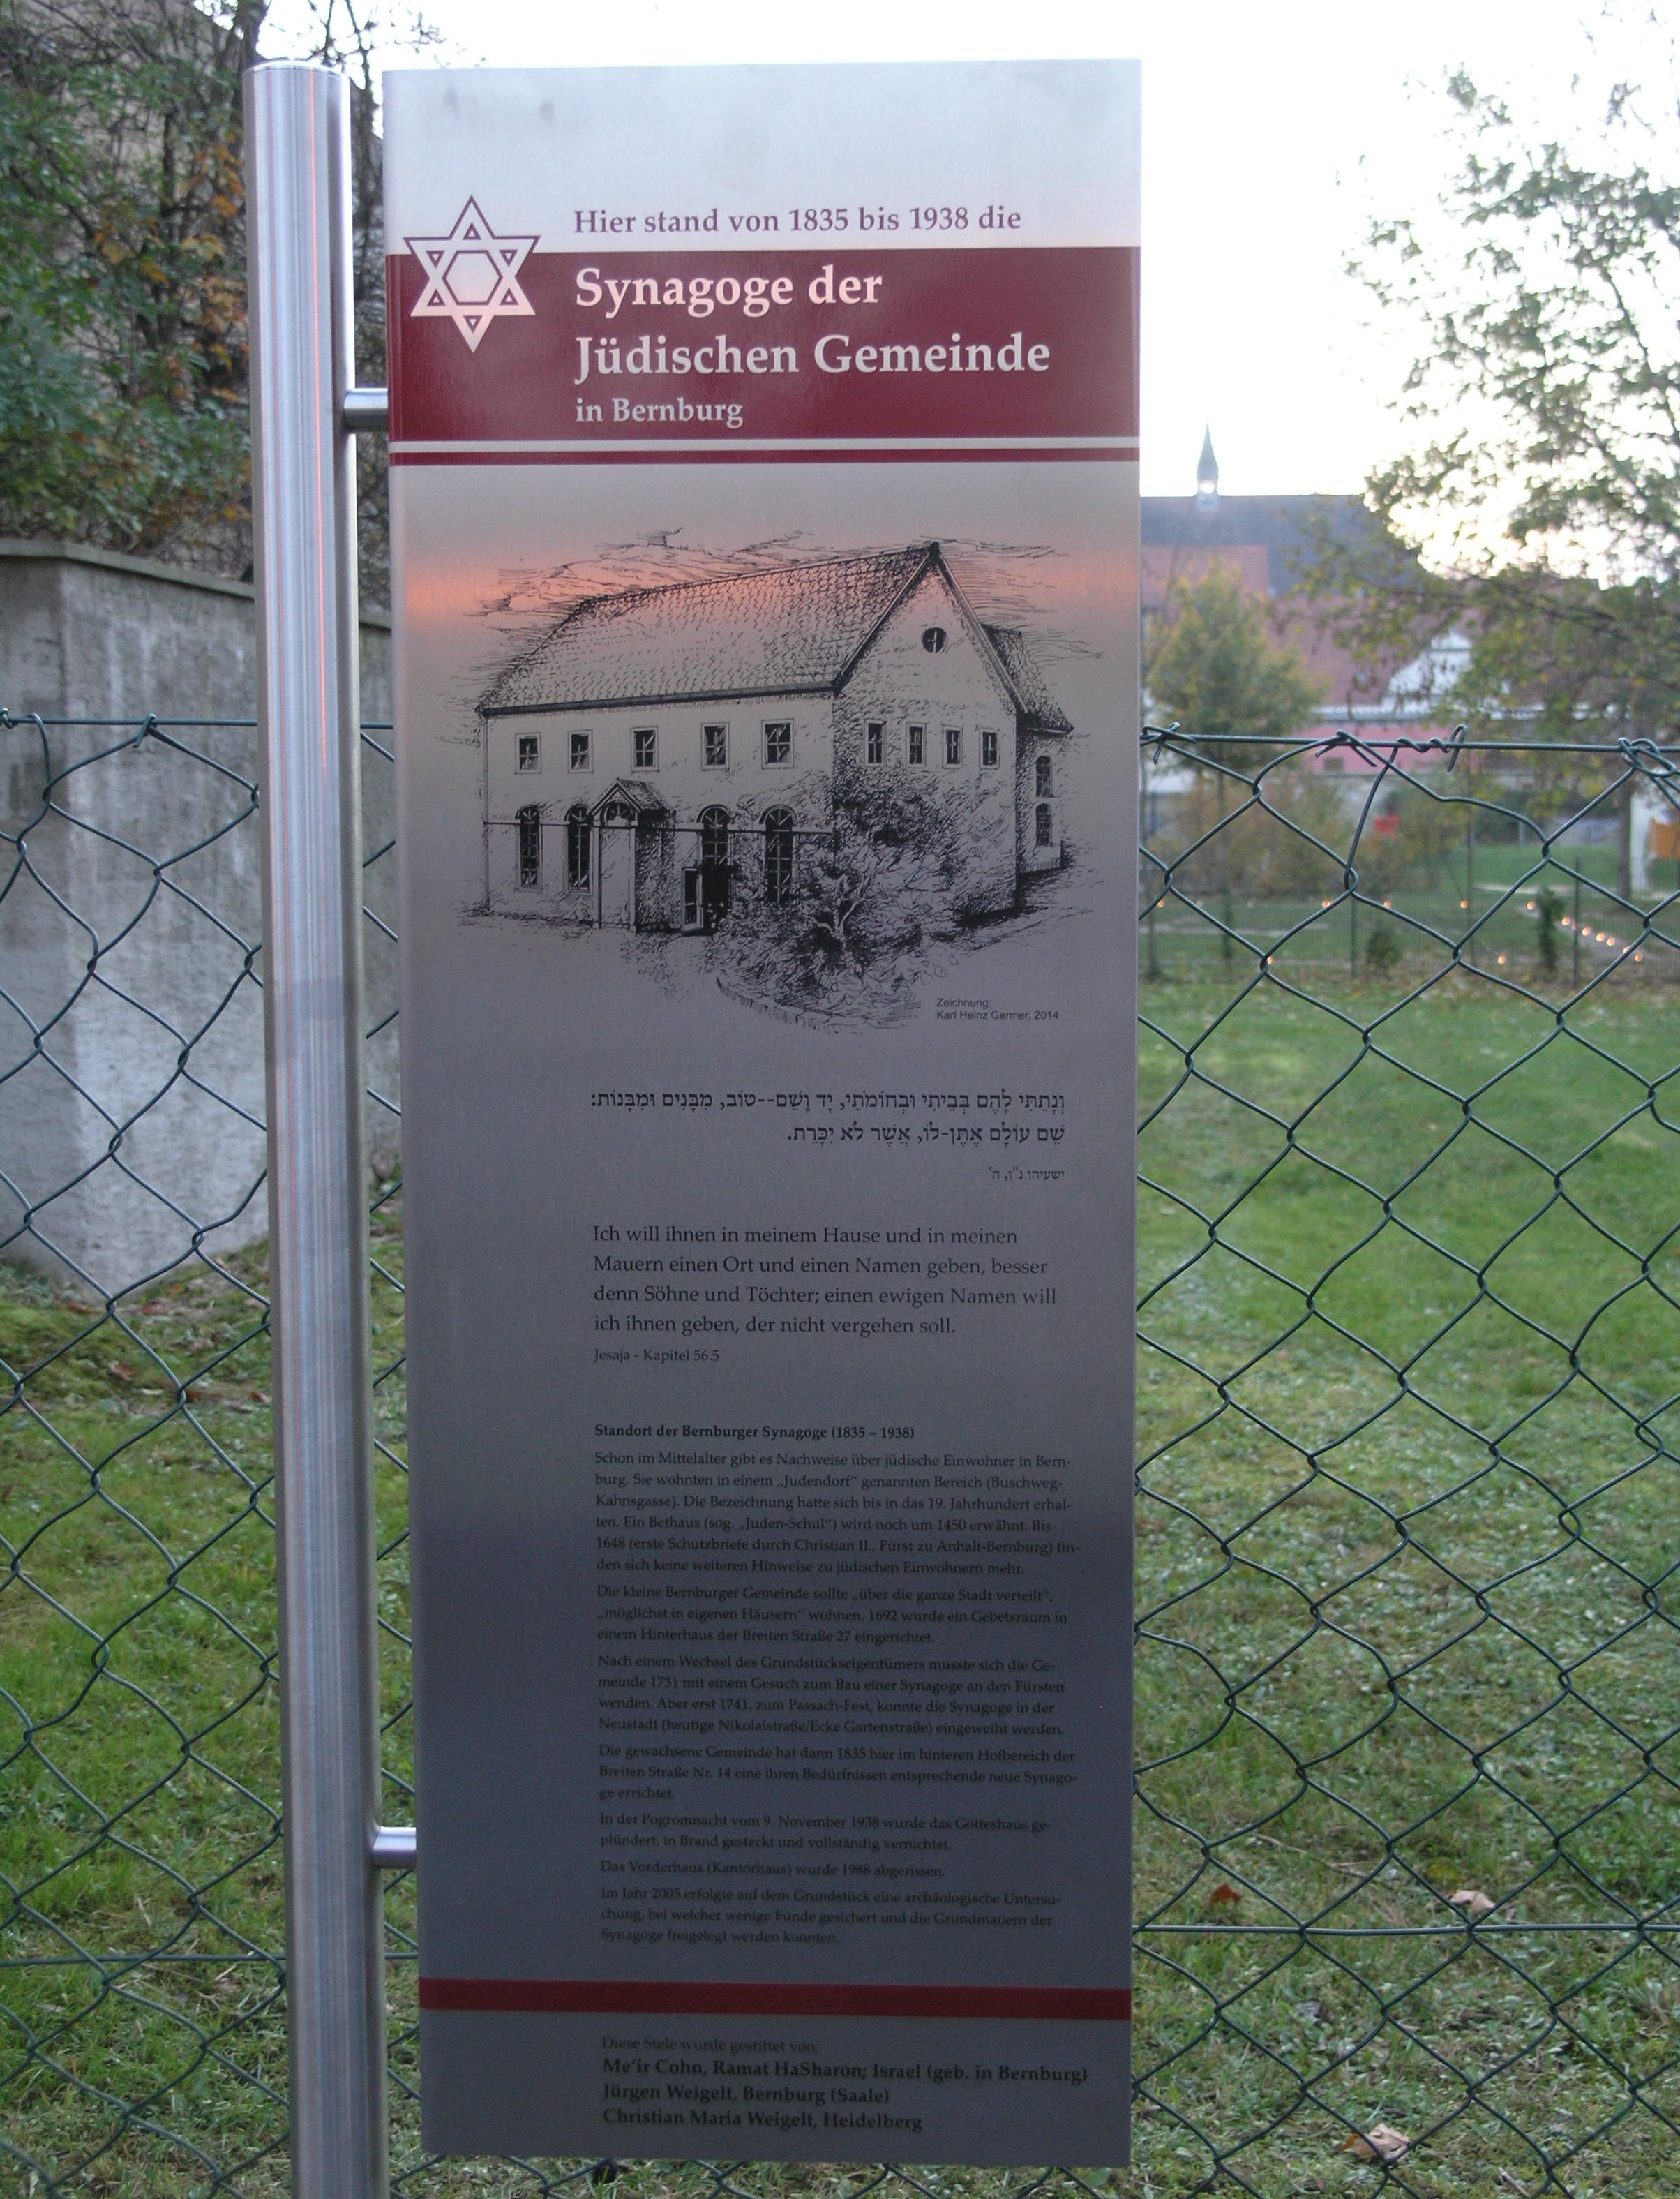 https://upload.wikimedia.org/wikipedia/commons/a/aa/Bernburg_Synagoge_Breite-Strasse_14_-_Mahnmal,_9_November_2014.JPG